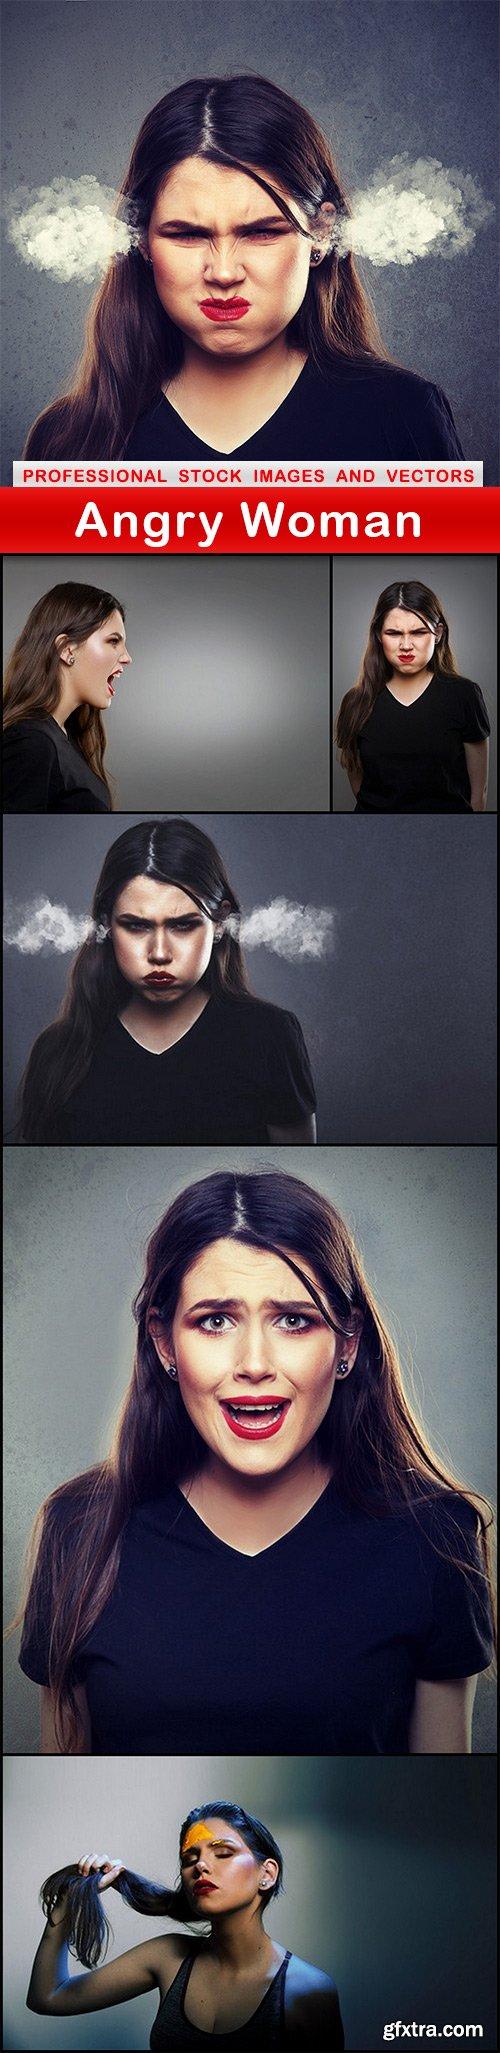 Angry Woman - 6 UHQ JPEG